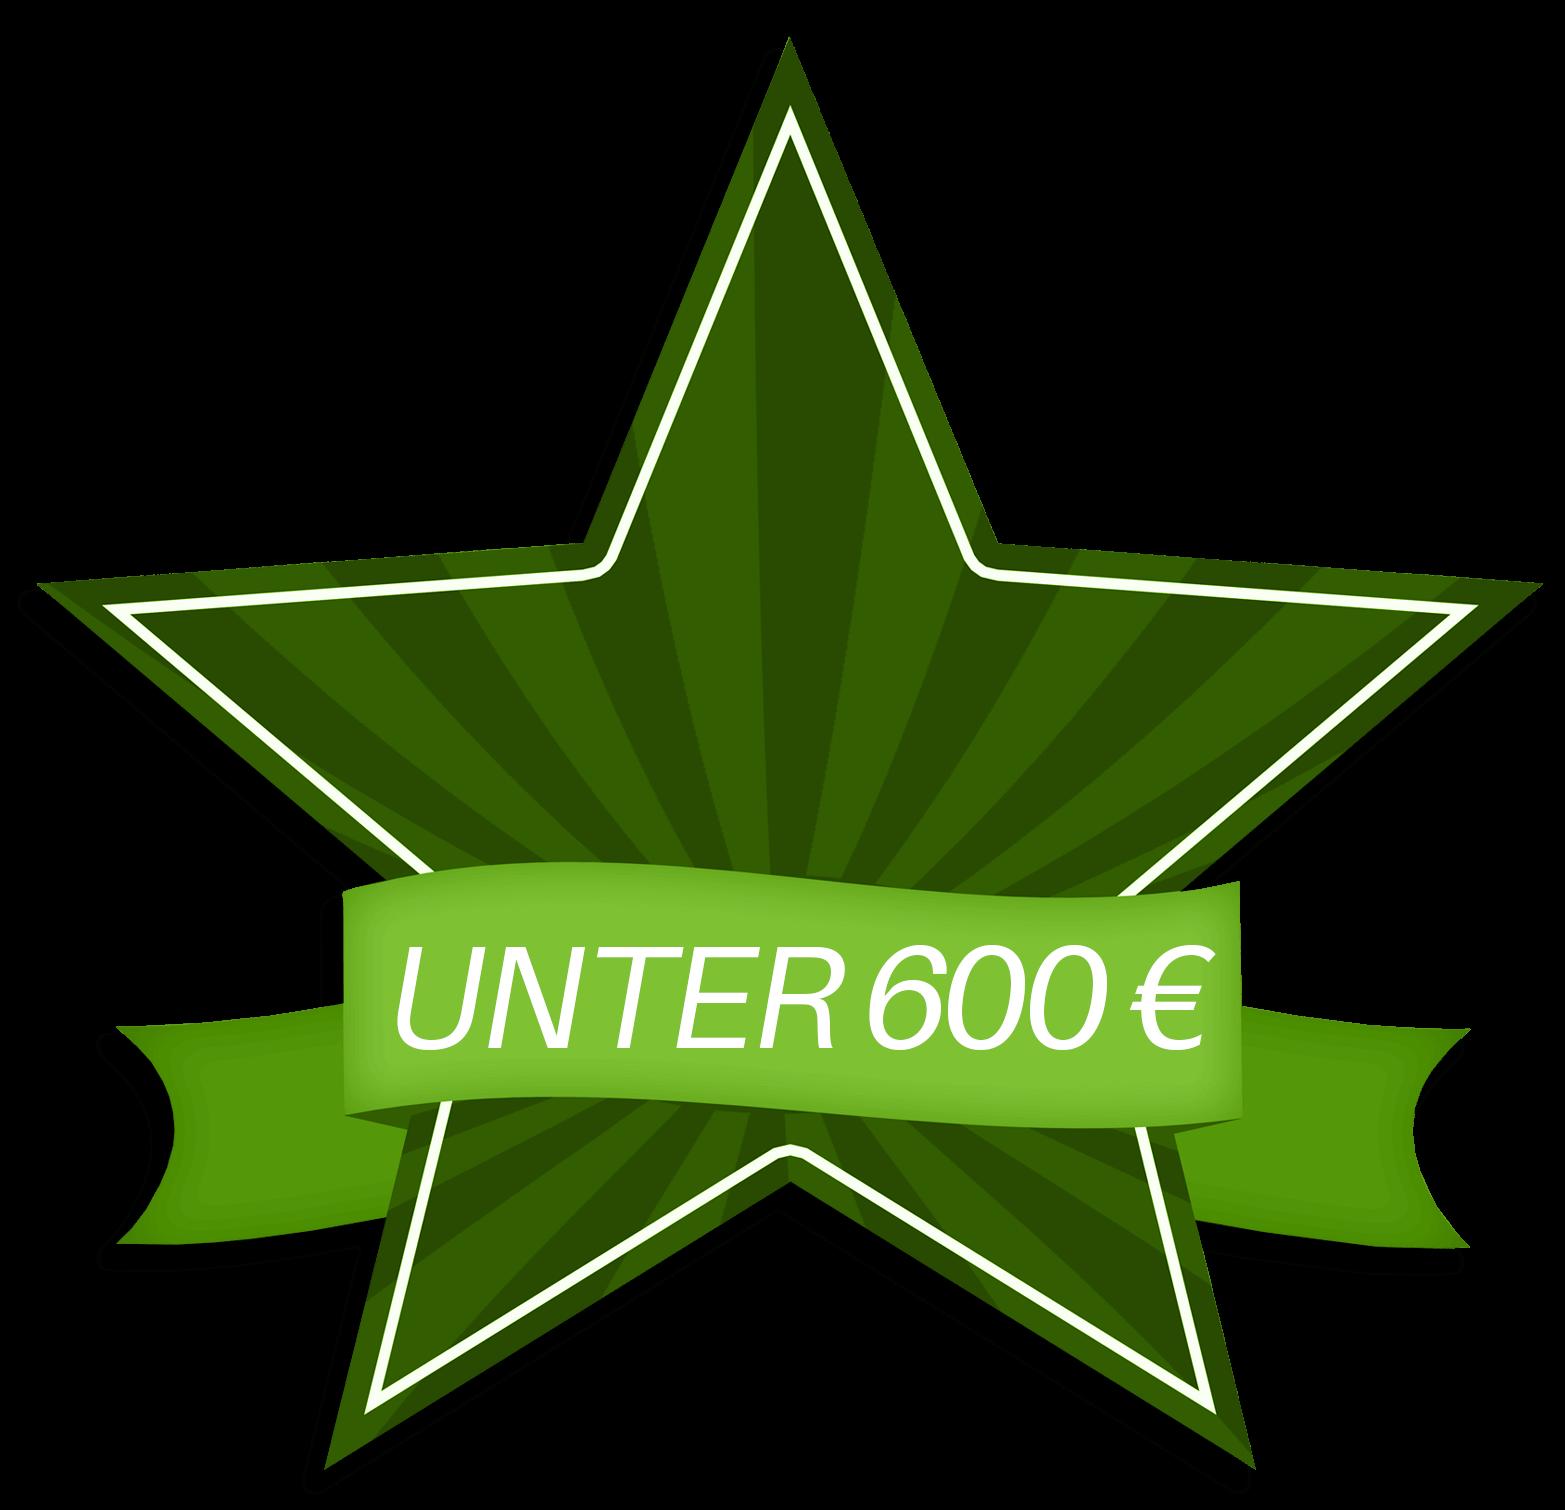 Unter600